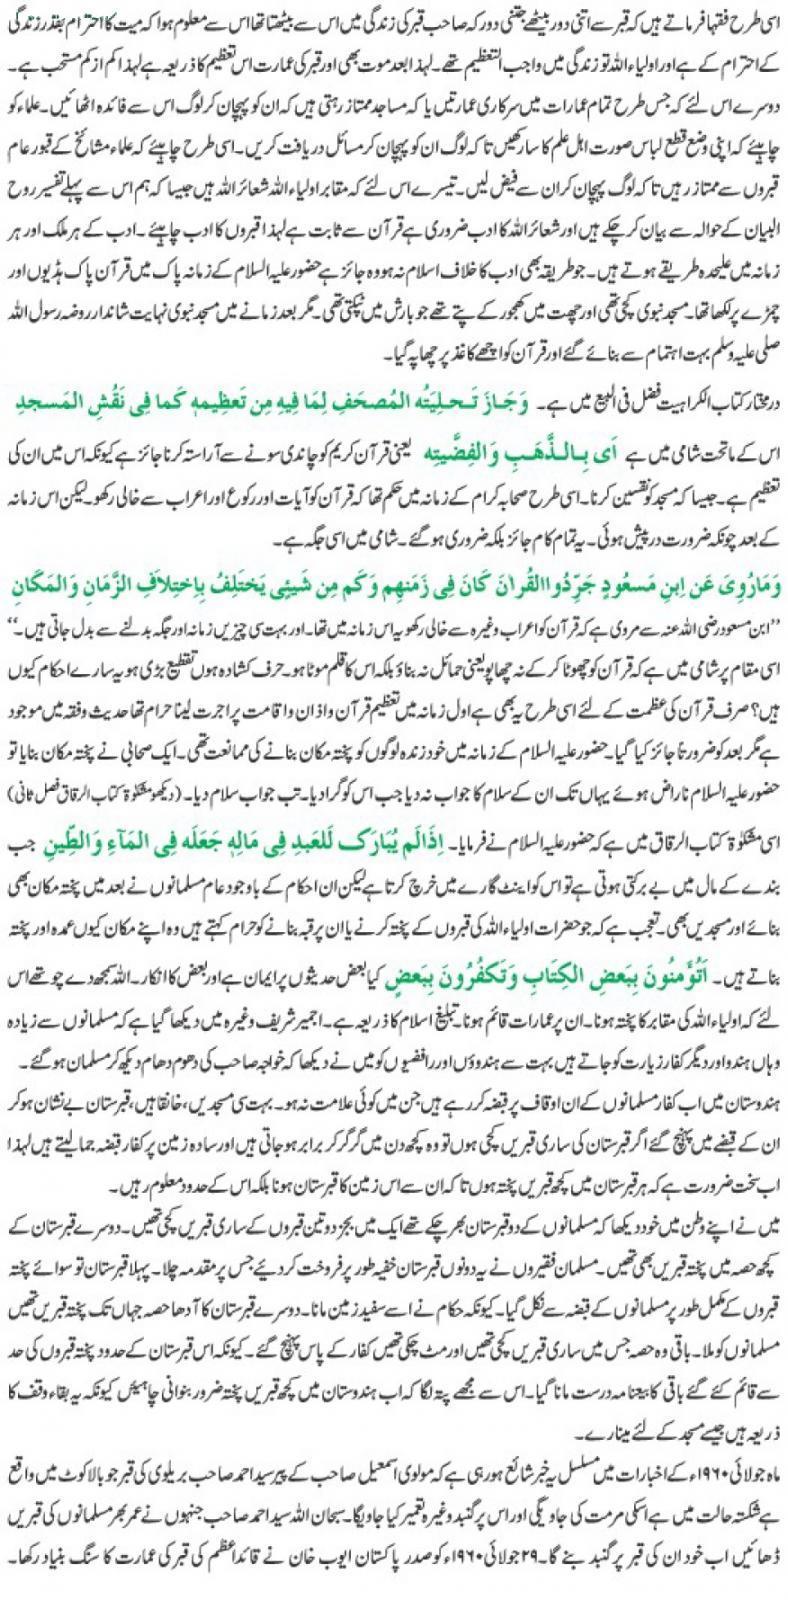 بحث مزارات اولیاء اللہ پر گنبد بنانا 151.jpg